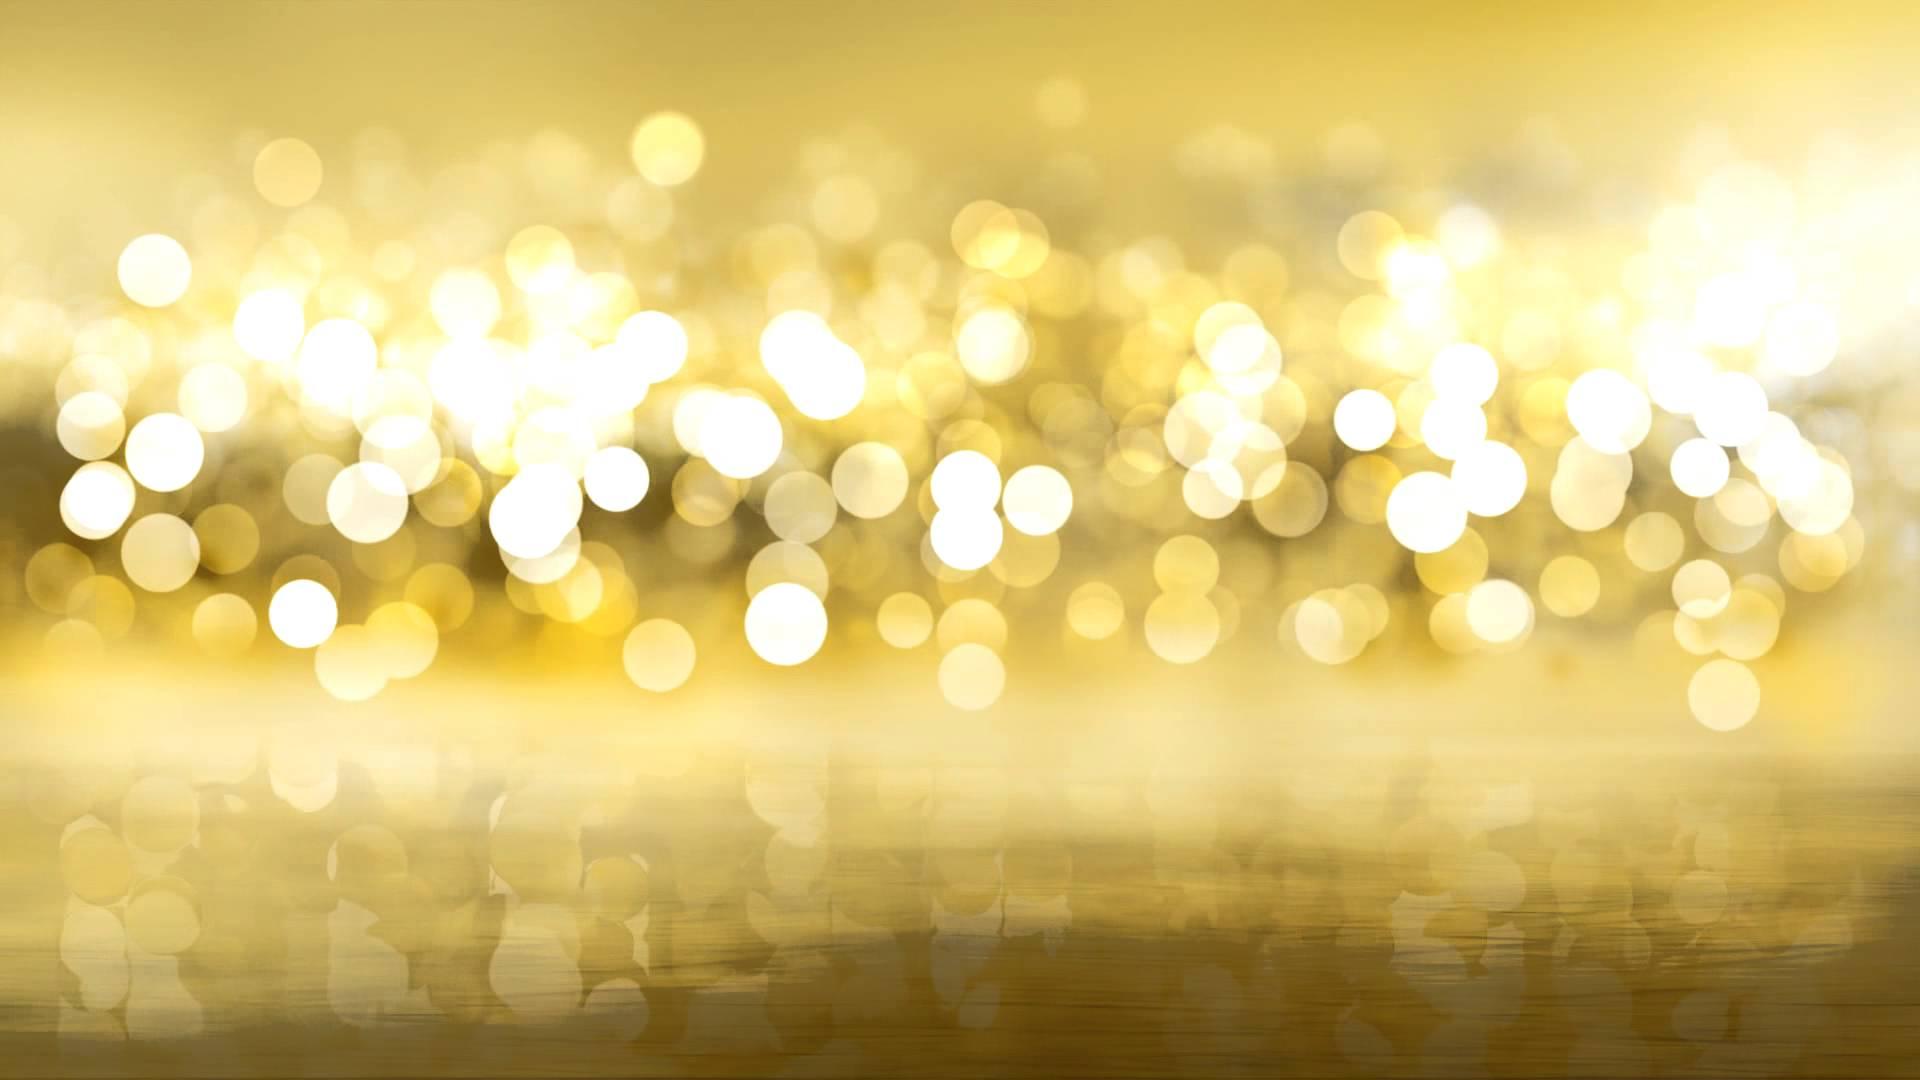 خلفيات ذهبية اروع خلفيات باللون الذهبي كلام نسوان